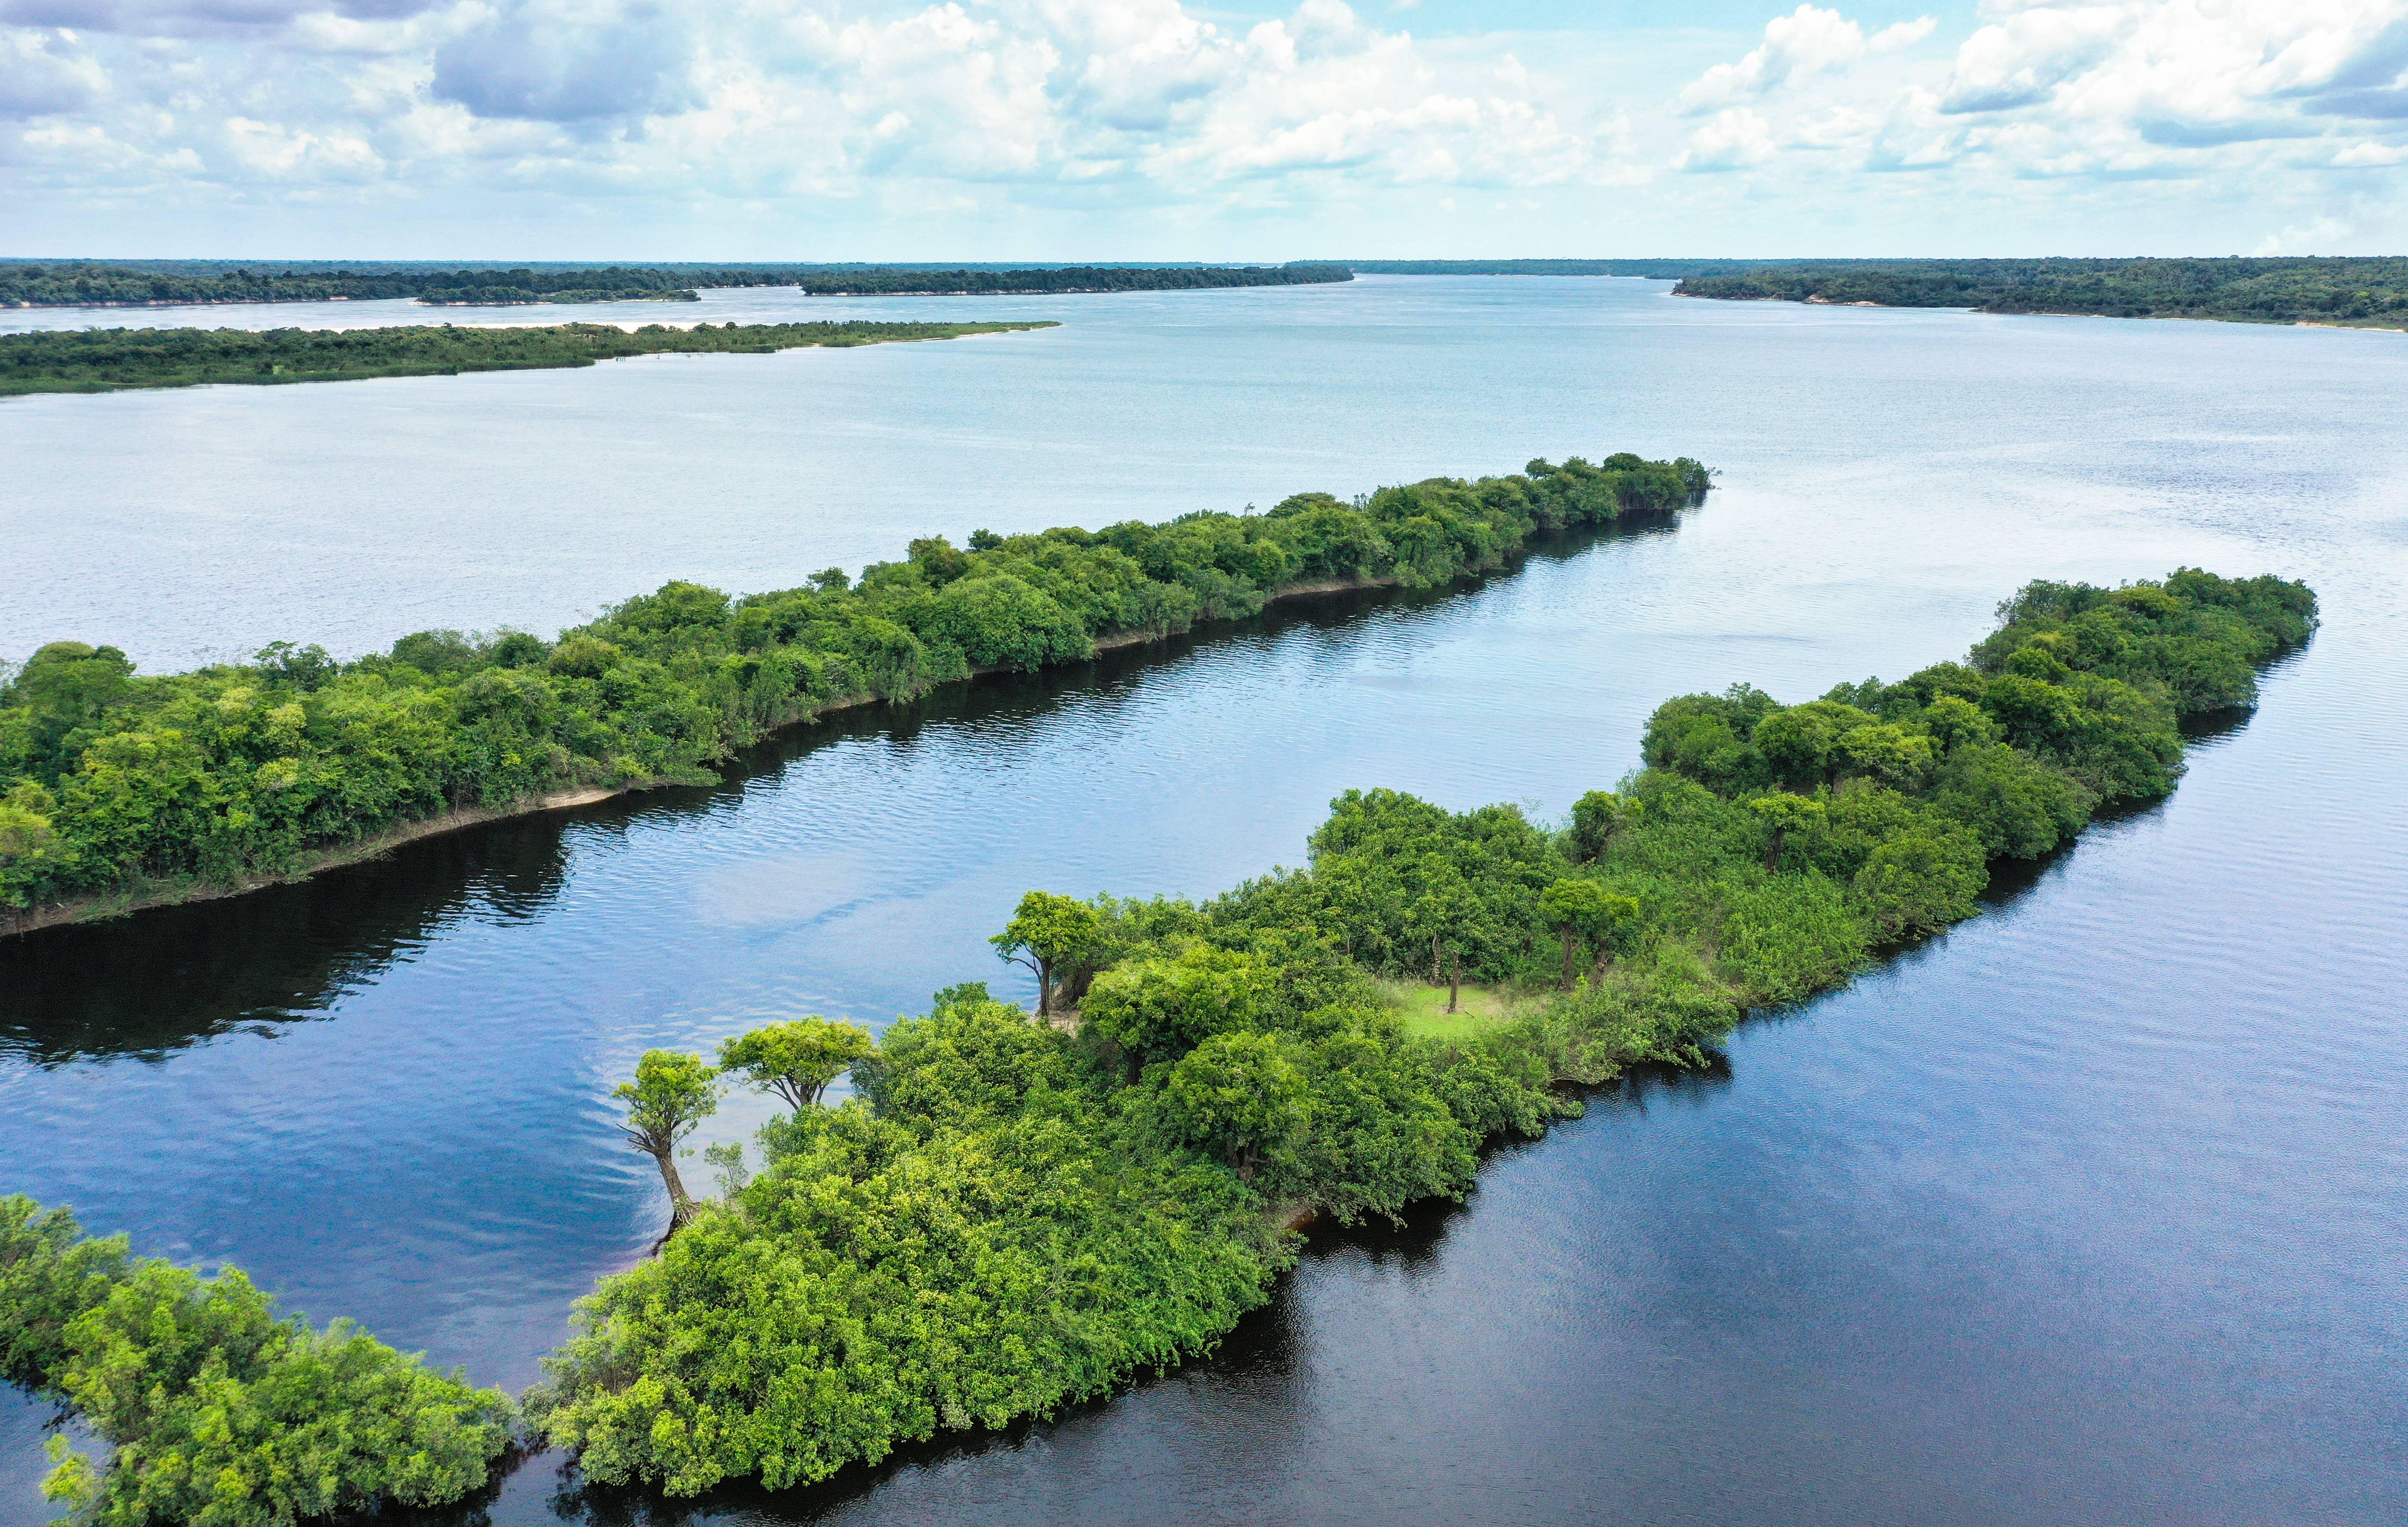 Rio Negro River in Amazon rainforest Brazil